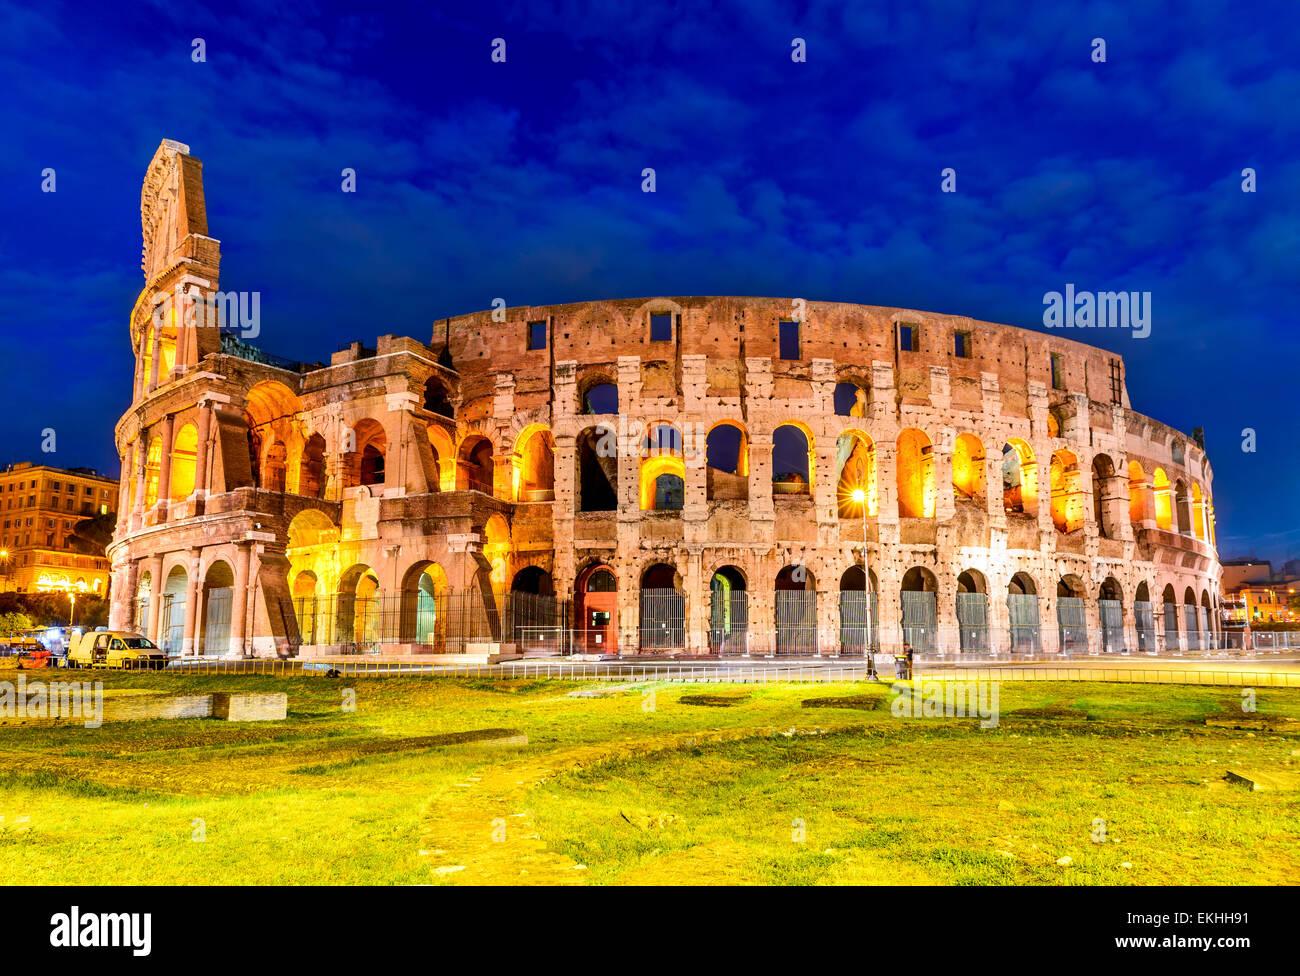 Kolosseum, Rom, Italien. Twilight-Ansicht des Colosseo in Rom, elliptische größte Amphitheater des römischen Stockbild